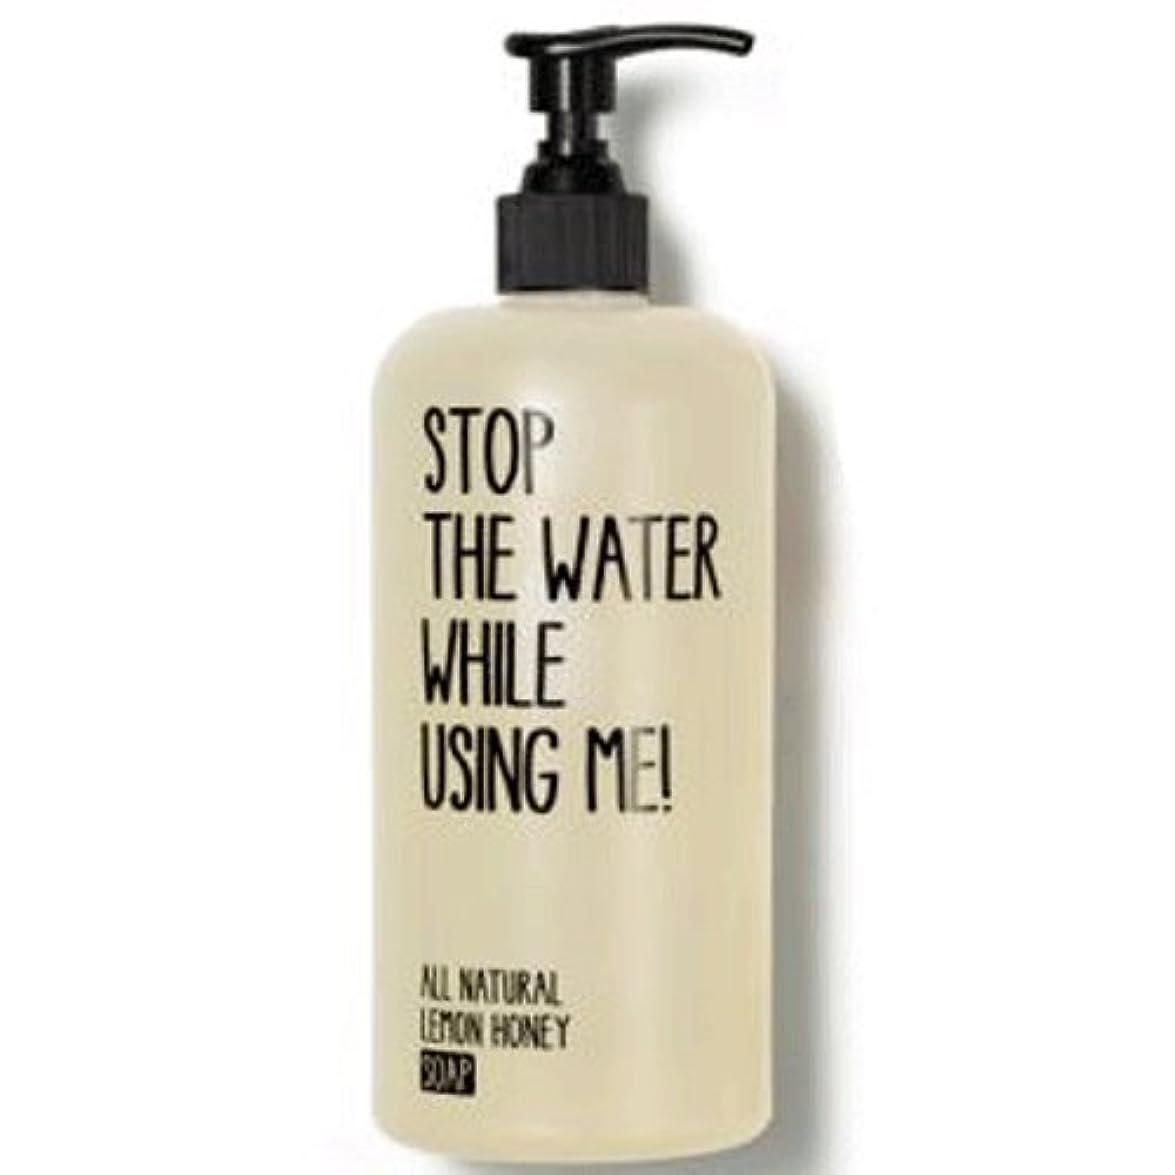 店主取り替える保存【STOP THE WATER WHILE USING ME!】L&Hソープ(レモン&ハニー) 500ml [並行輸入品]